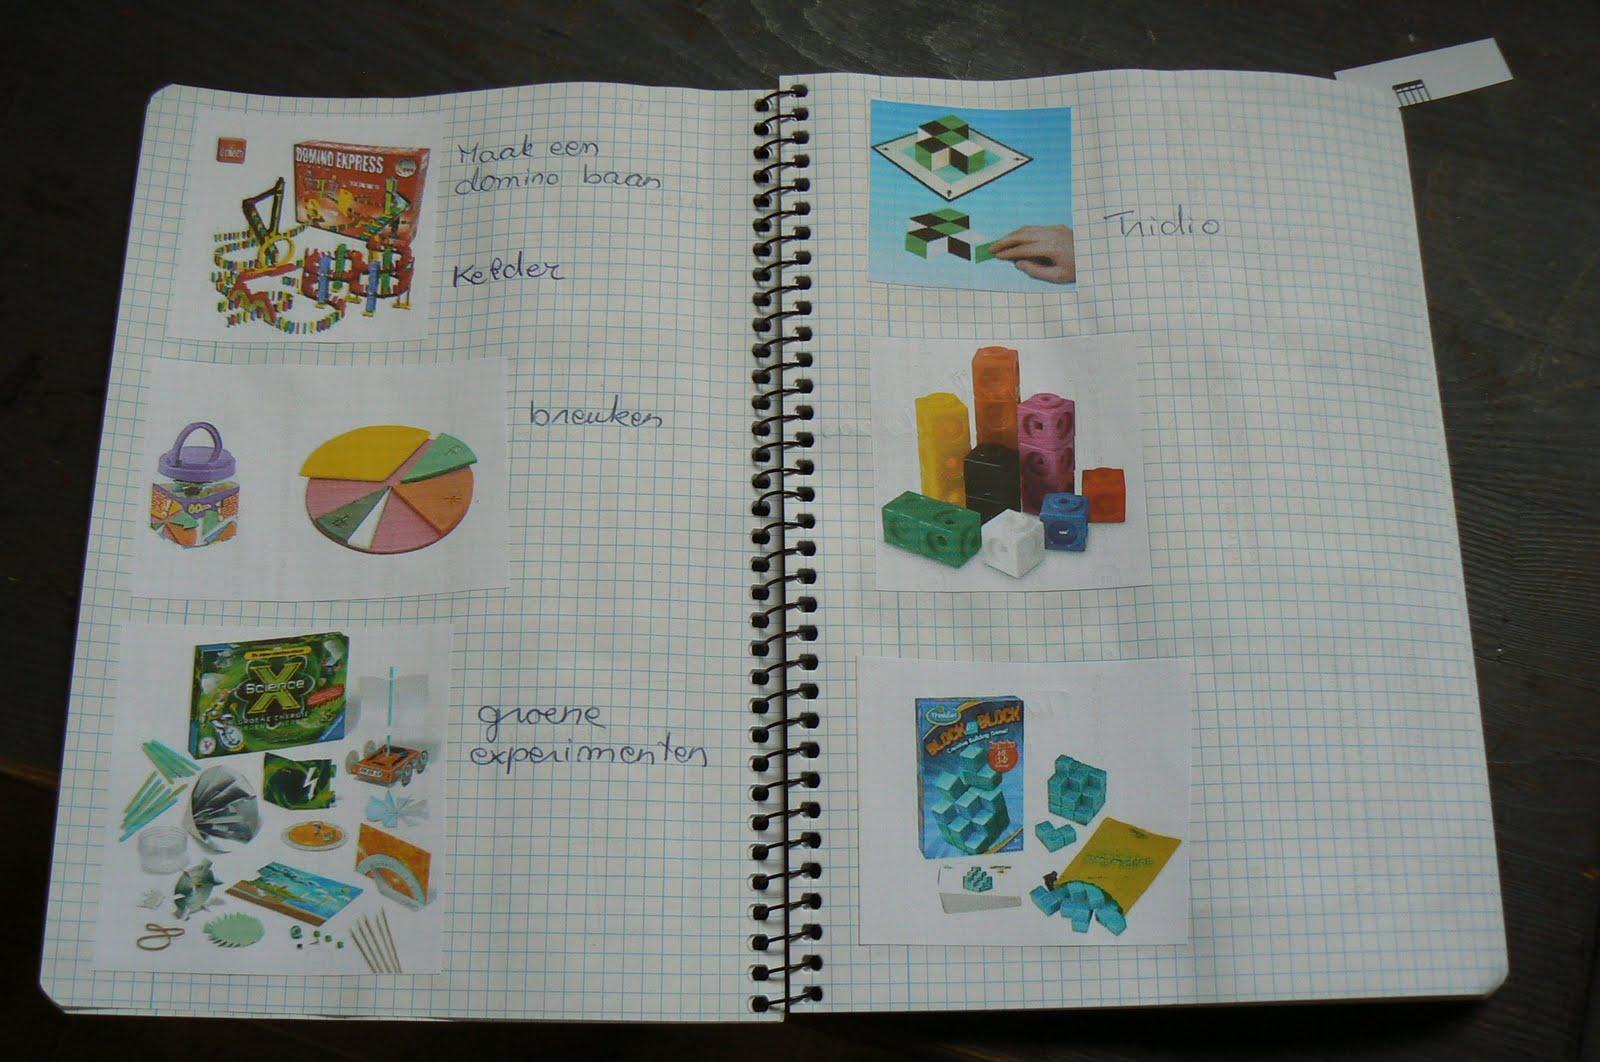 Orca Observar Recordar Crecer Y Aprender Libreta De Dibujo: Orca: Observar, Recordar, Crecer Y Aprender: Libreta De